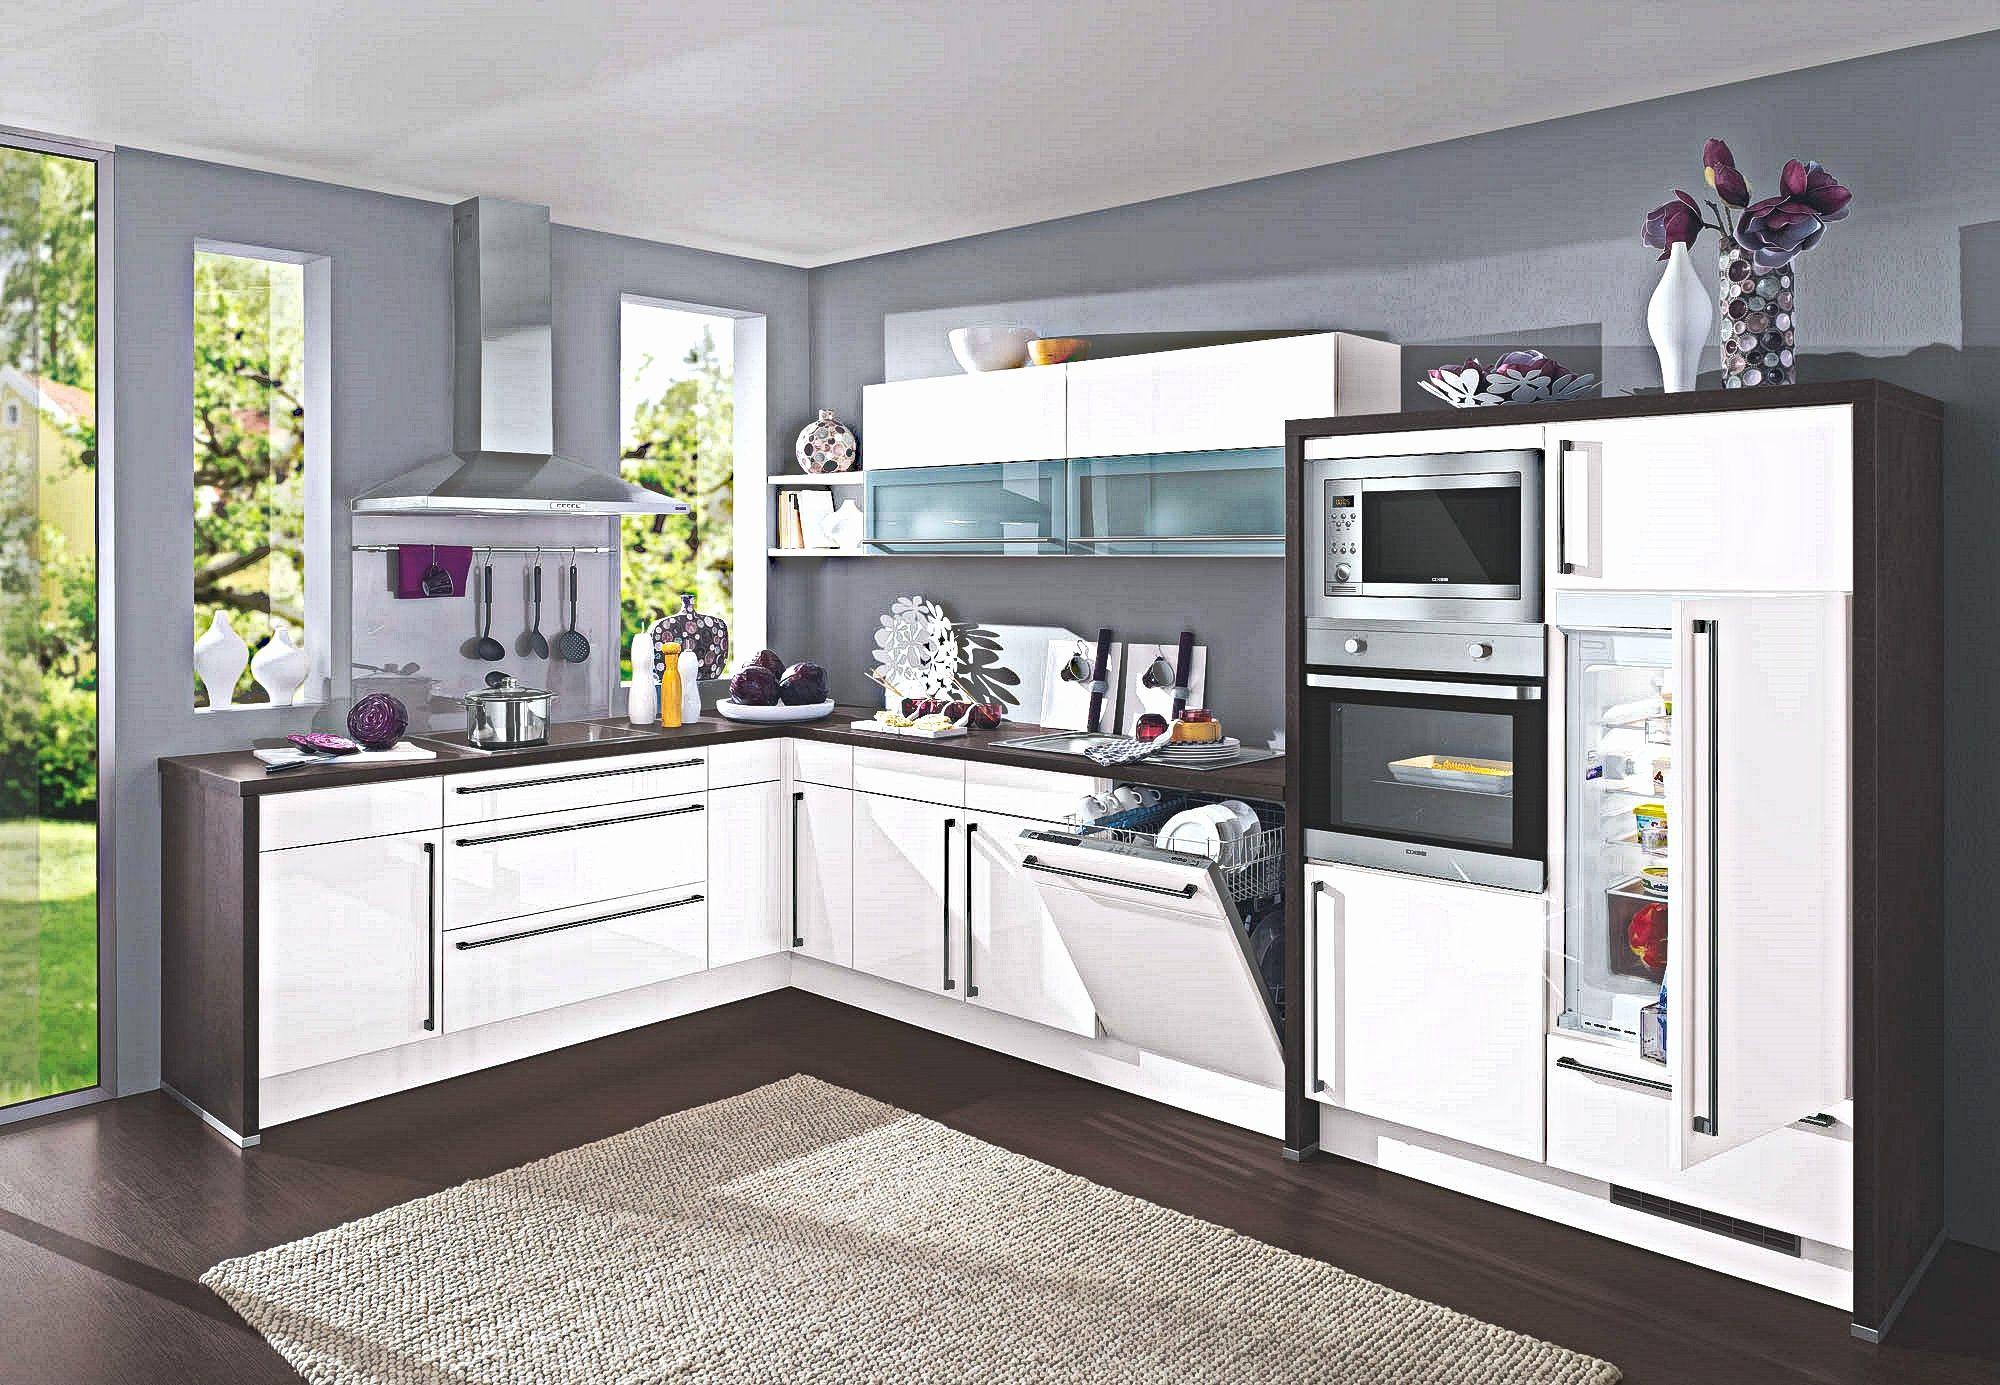 Einbaukuche Mit Elektrogeraten Gunstig Luxury Einbaukuche Mit Elektrogeraten Gunstig Fein 24 Elegant L Einbaukuche L Kuchen Gunstige Kuchen